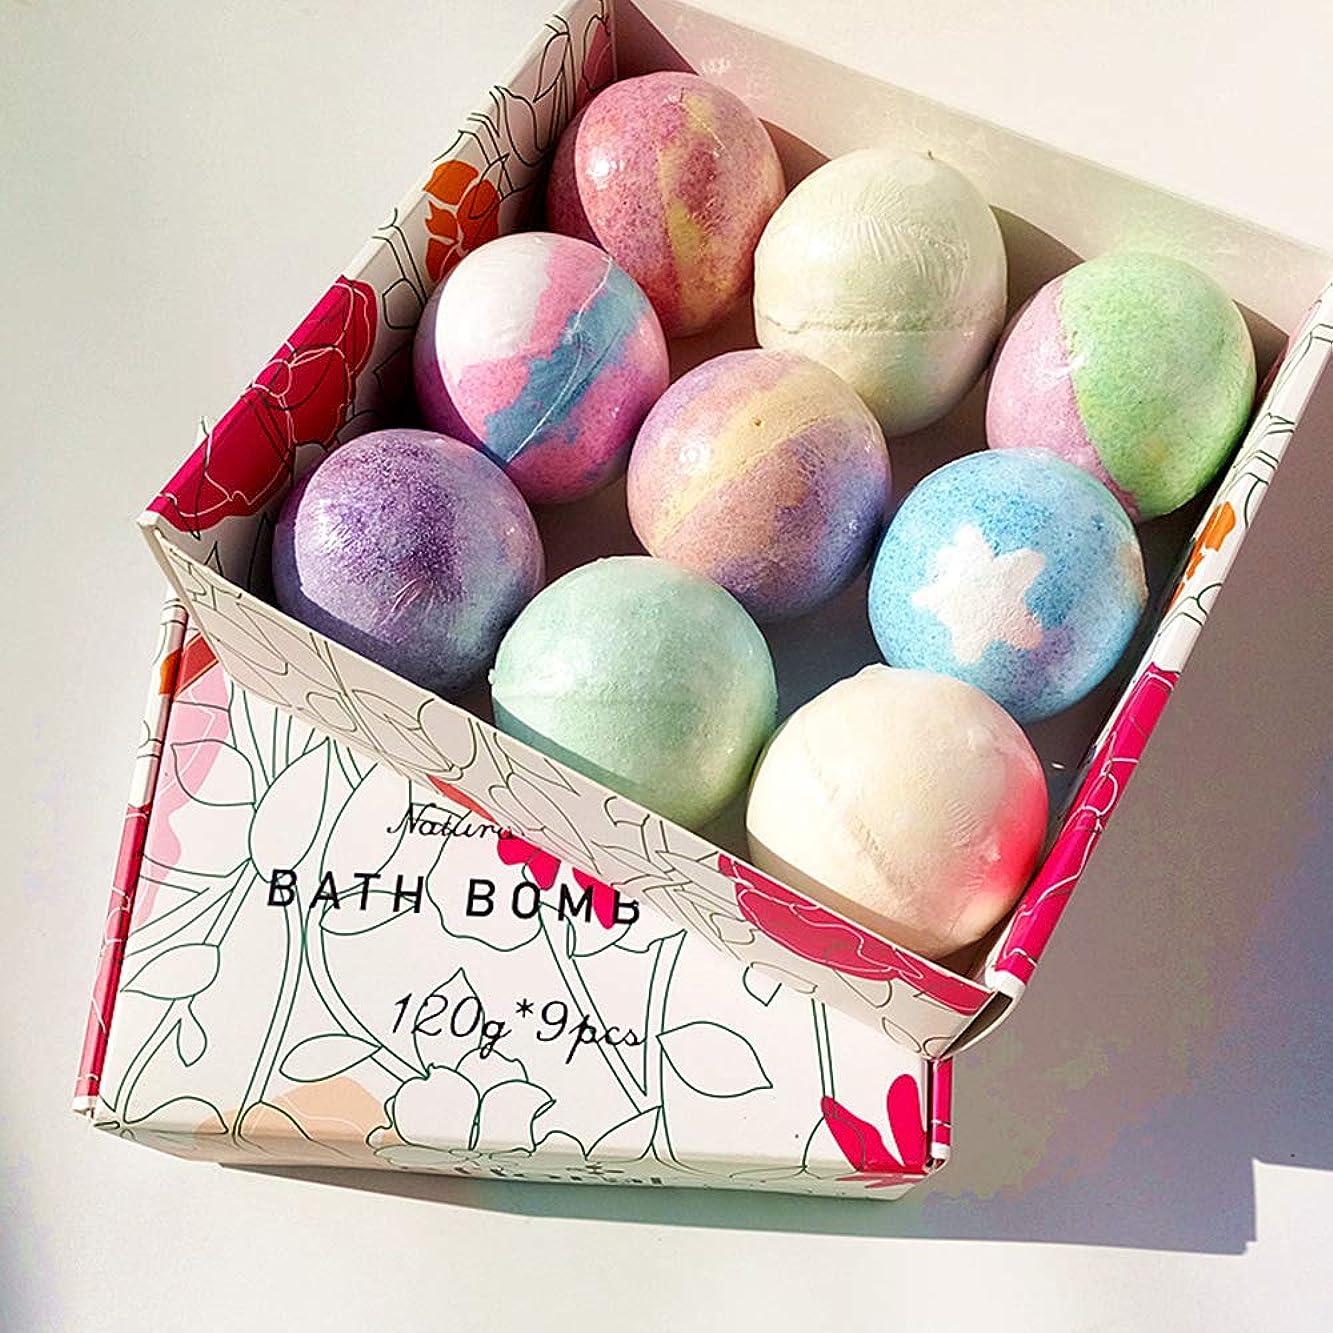 解決する悪化させる祝福するバスボム 炭酸 入浴剤 ギフト 手作り お風呂用 9つの香りキット 天然素材 カラフル バスボール 母の日 プレゼント